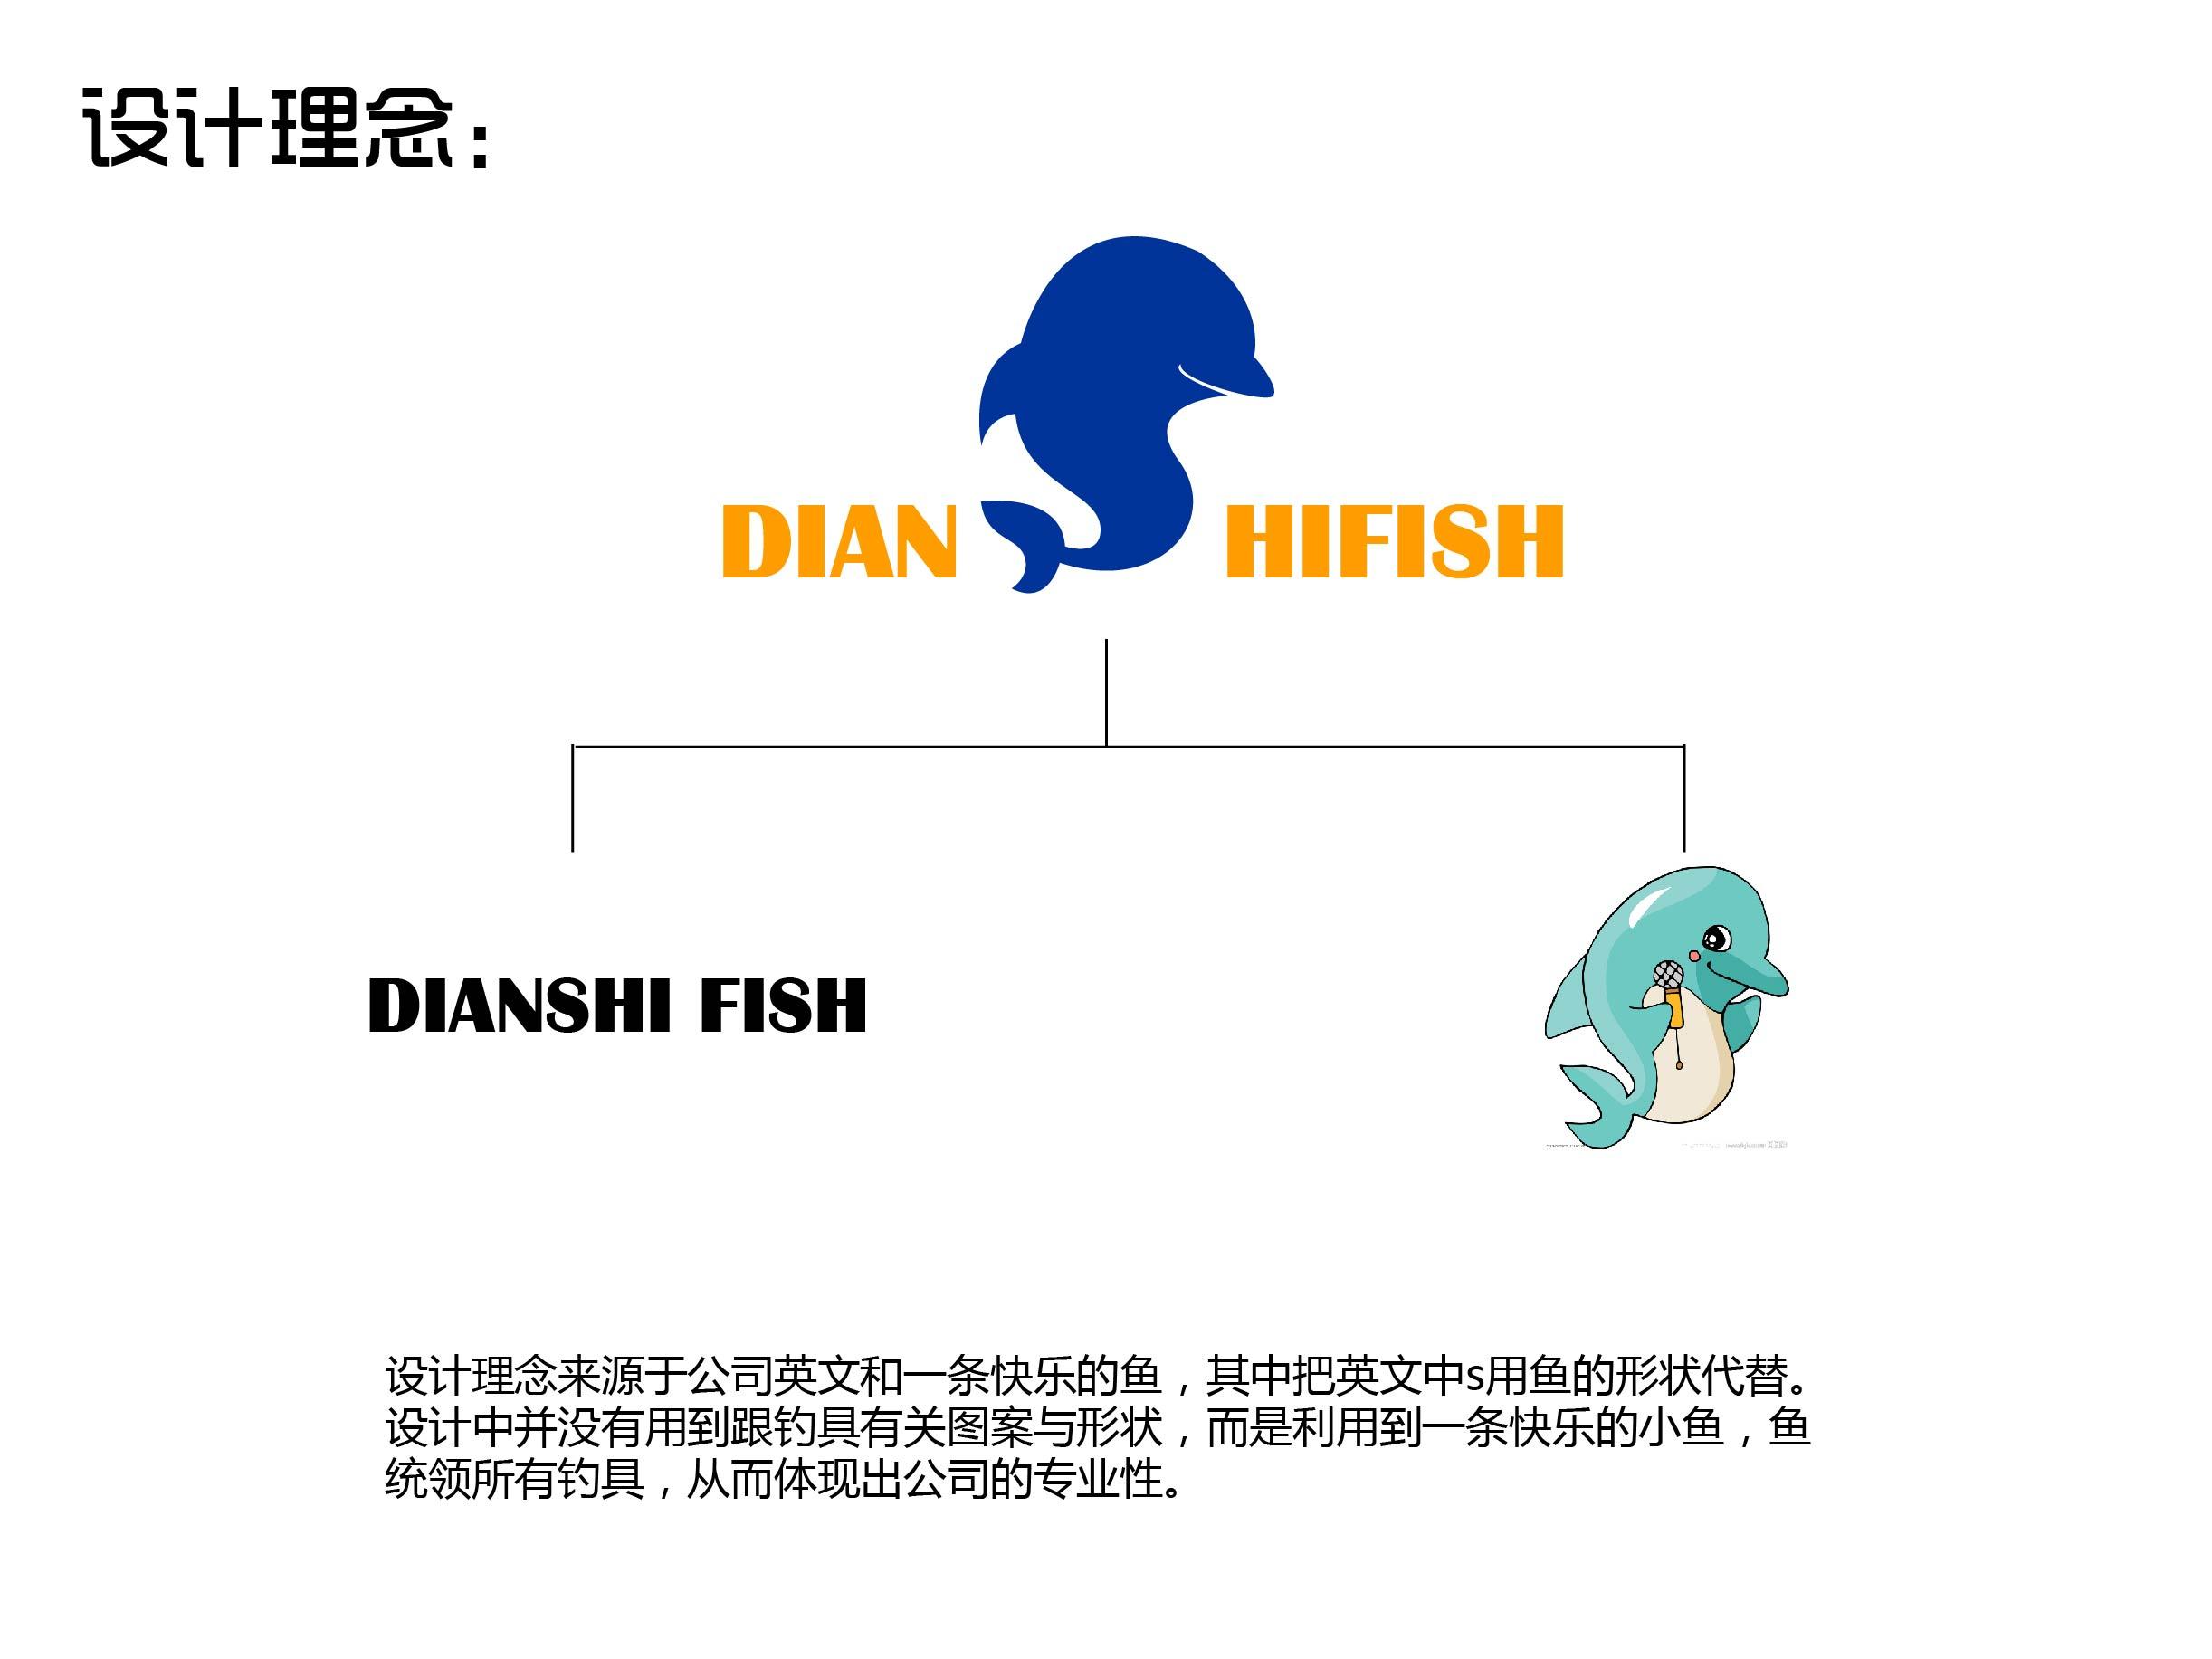 垂釣用品公司logo設計理念-01.jpg(224.09k)